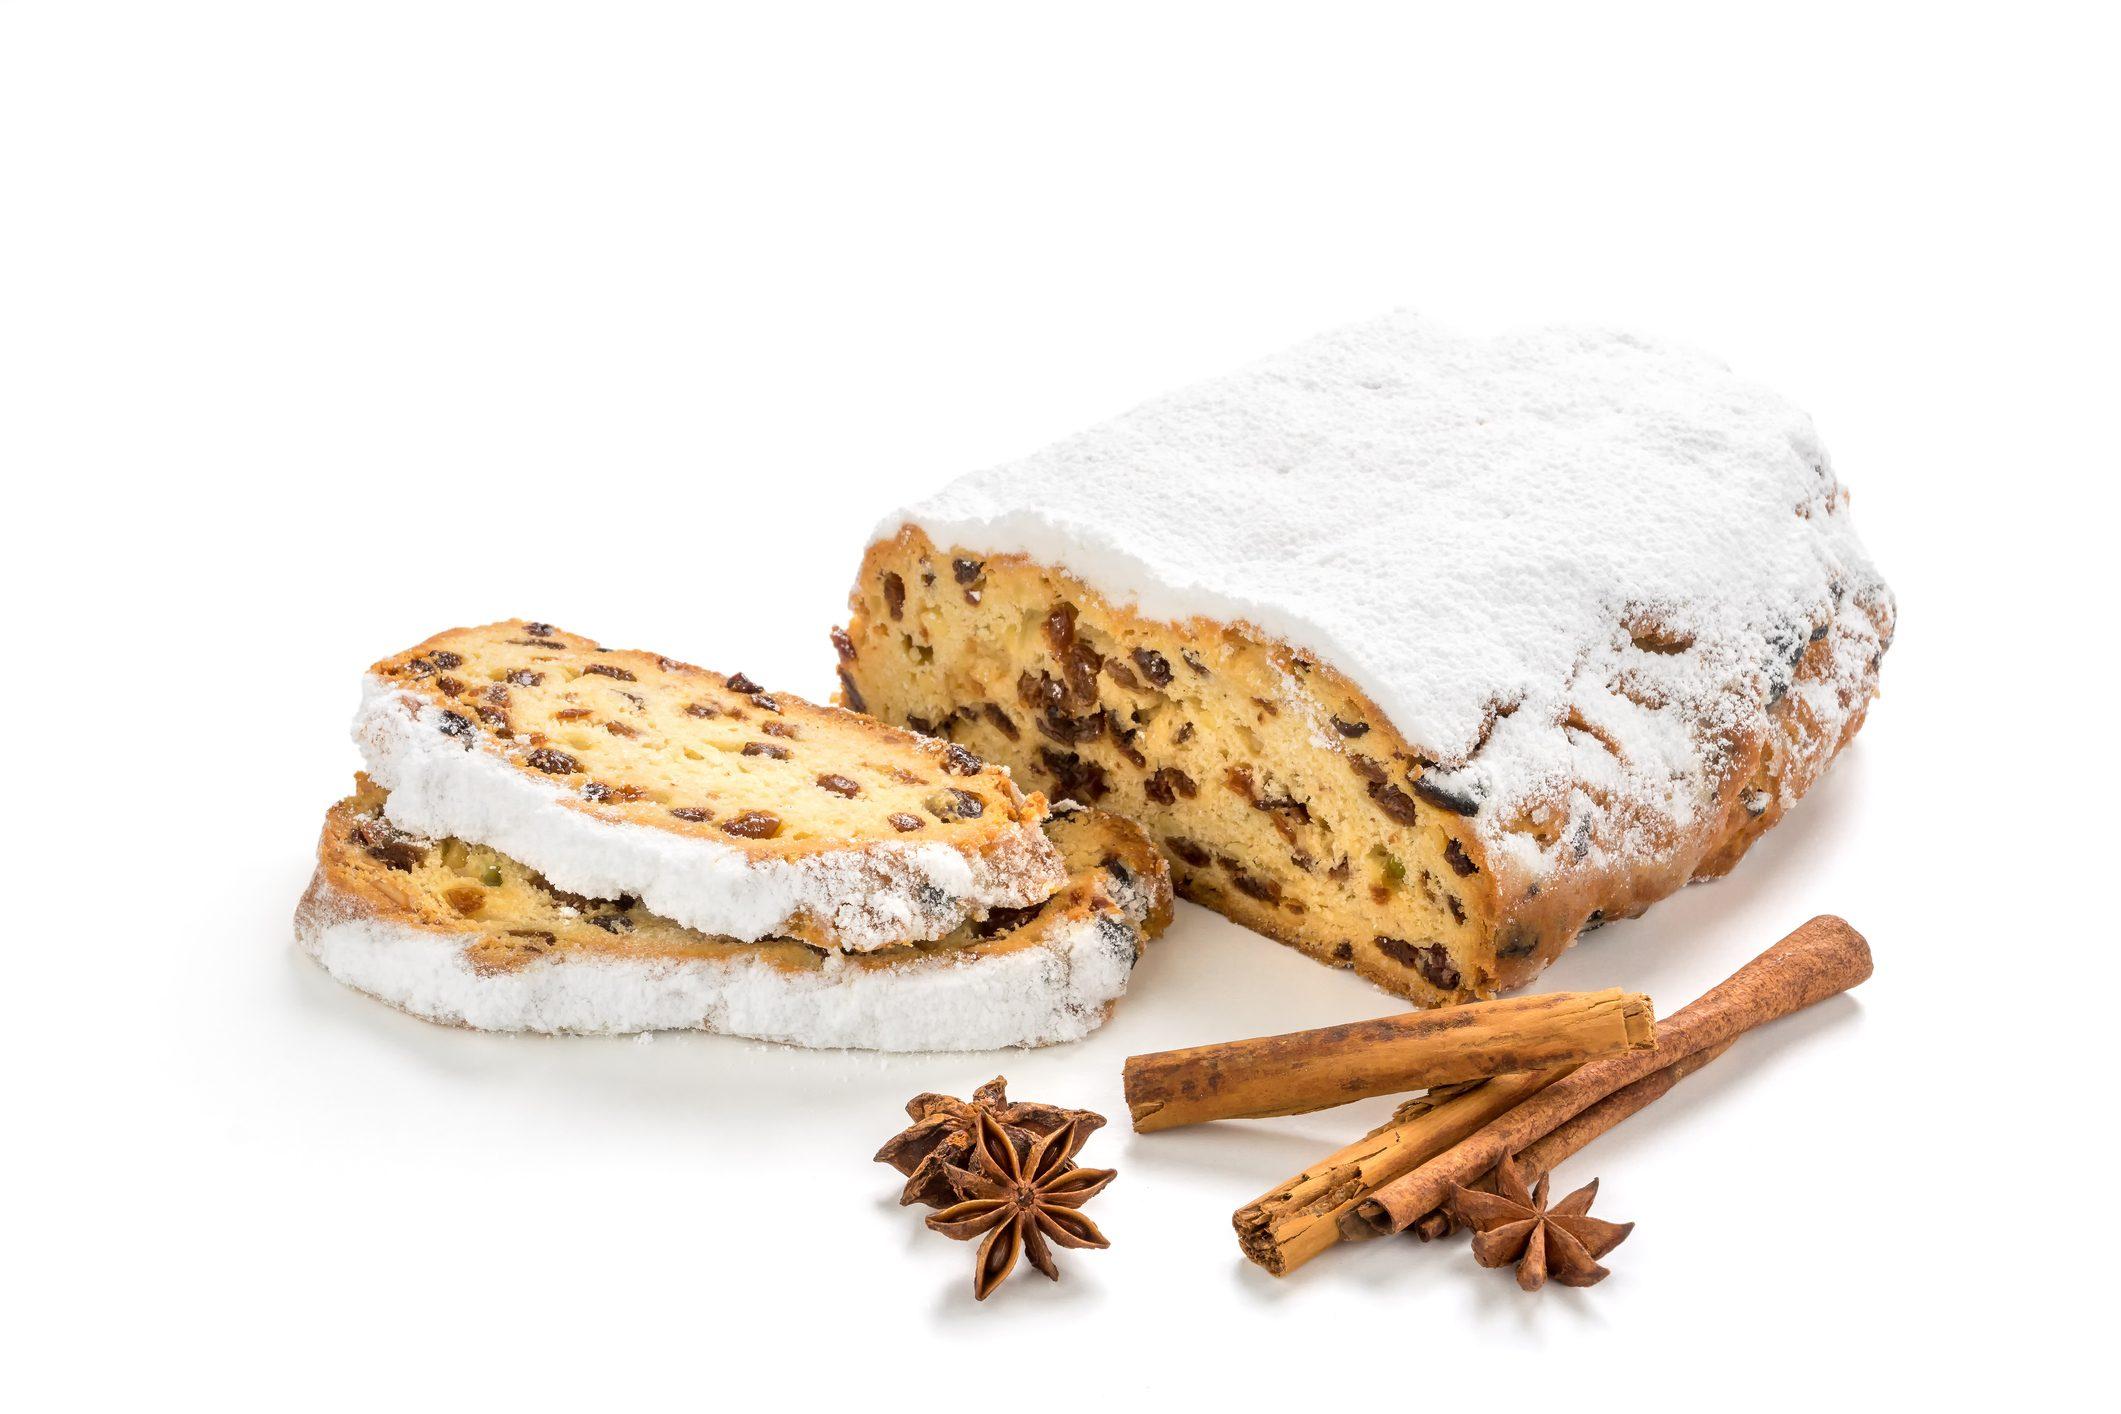 Biscotti Di Natale Tedeschi Ricetta.Stollen La Ricetta Originale Del Dolce Di Natale Tedesco